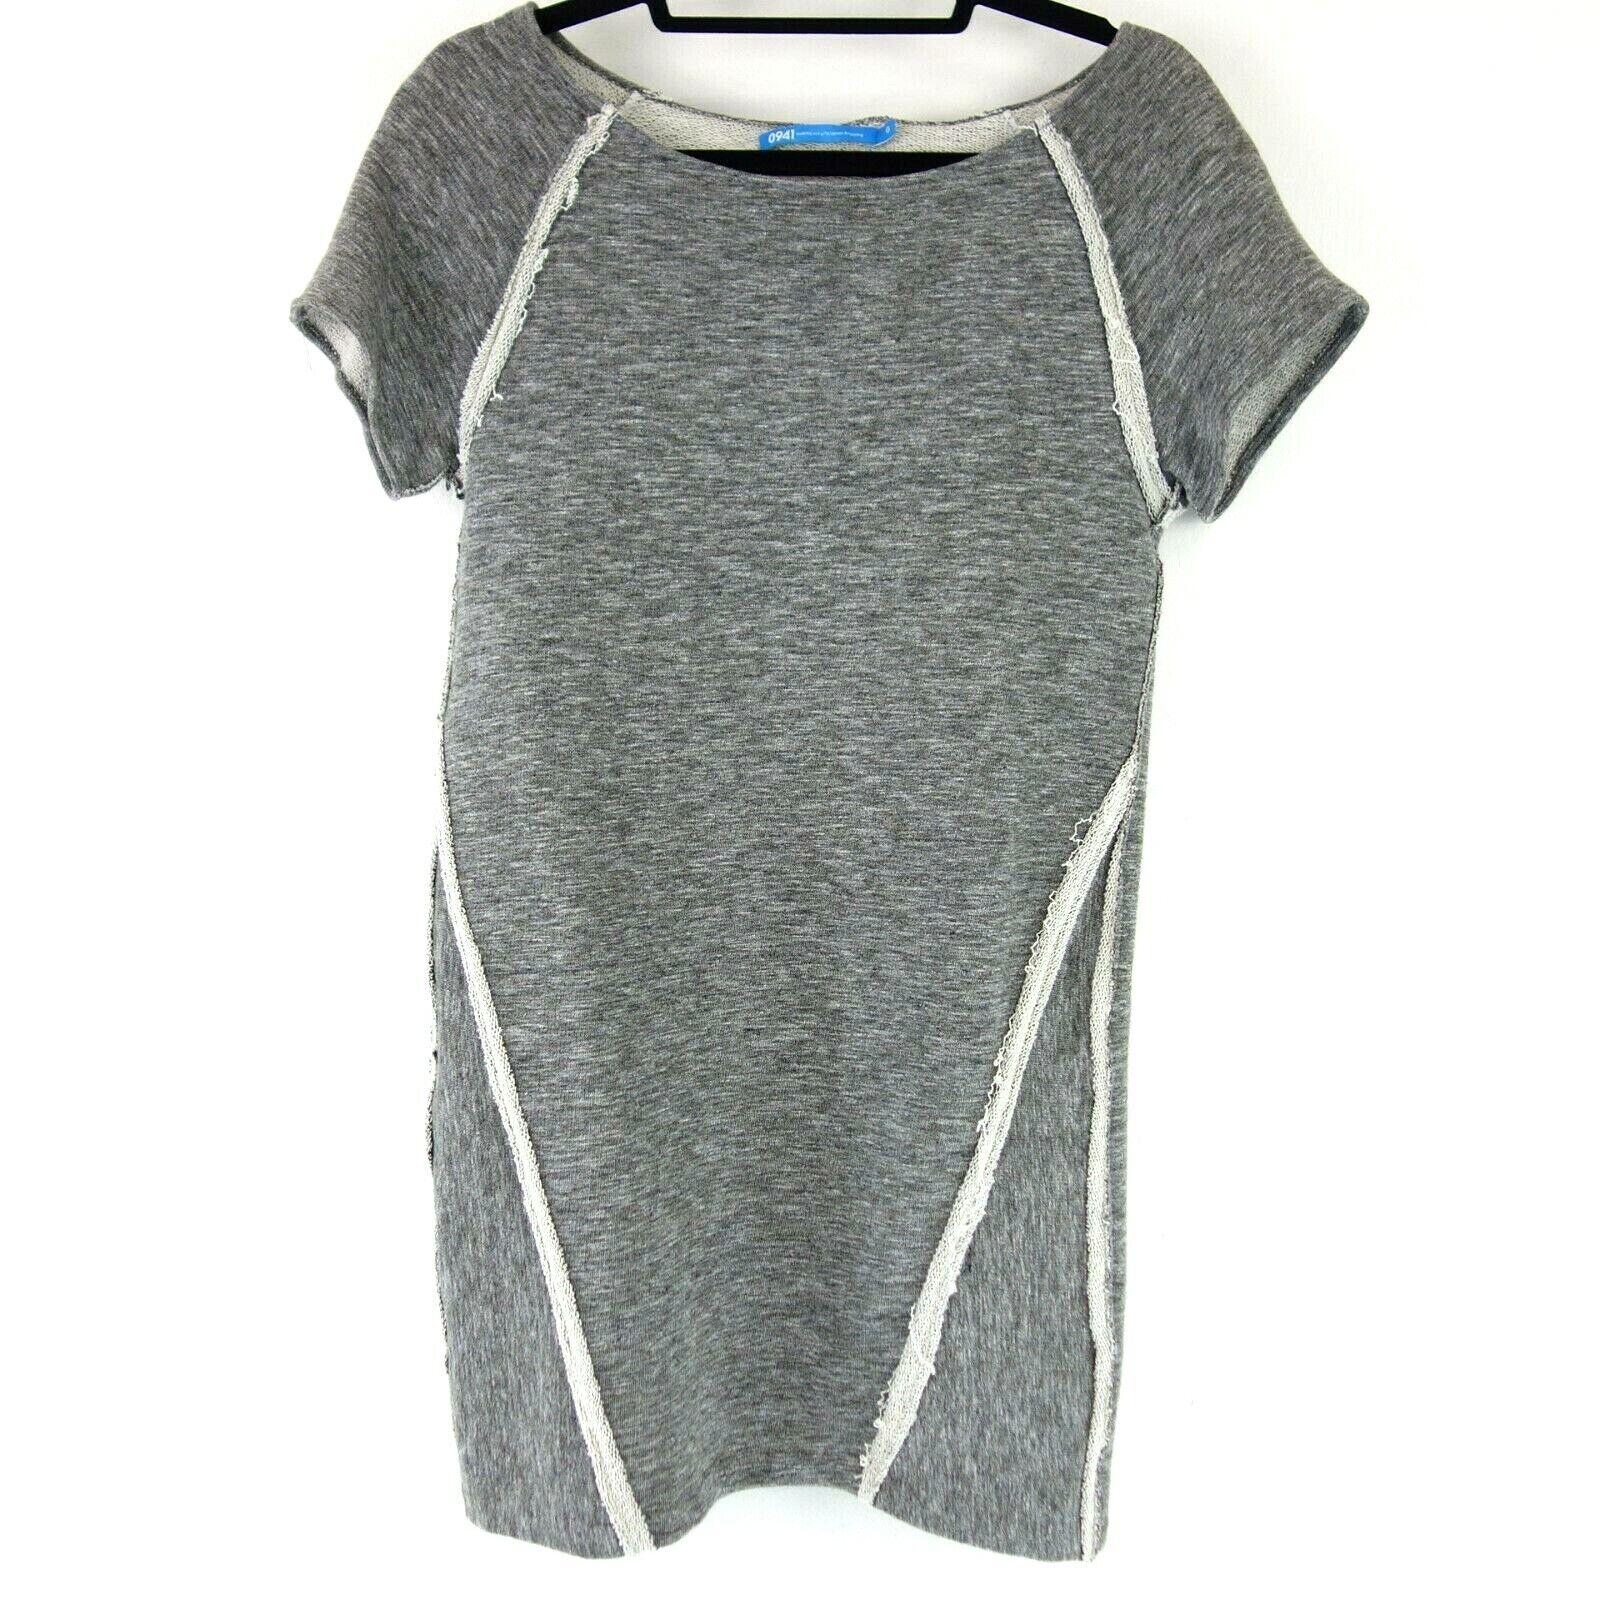 0941 Damen Kleid Gr 0 XS 34 Anthrazit meliert meliert meliert Mini Baumwolle Jersey NP 199 NEU   | Verrückter Preis  |   | Beliebte Empfehlung  859355